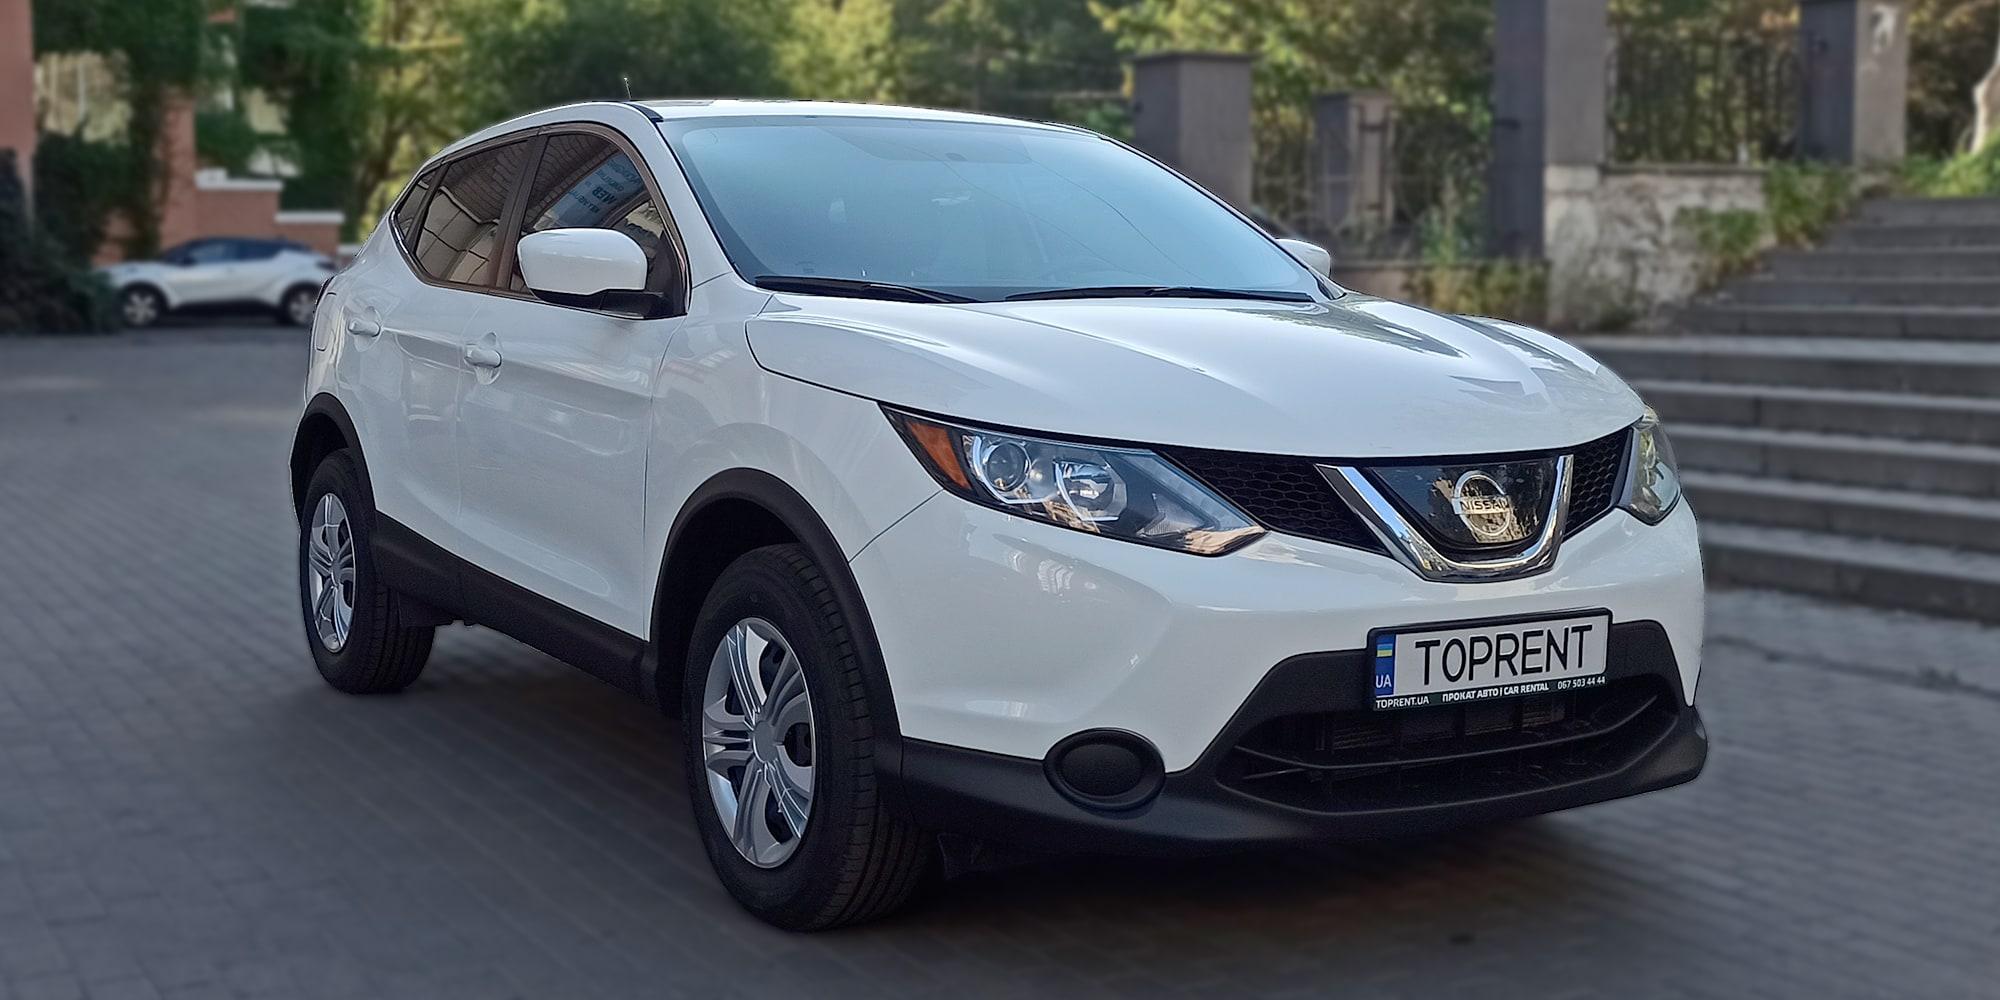 Прокат и аренда авто Nissan Rogue Sport (Qashqai) 2018 - фото 2 | TOPrent.ua